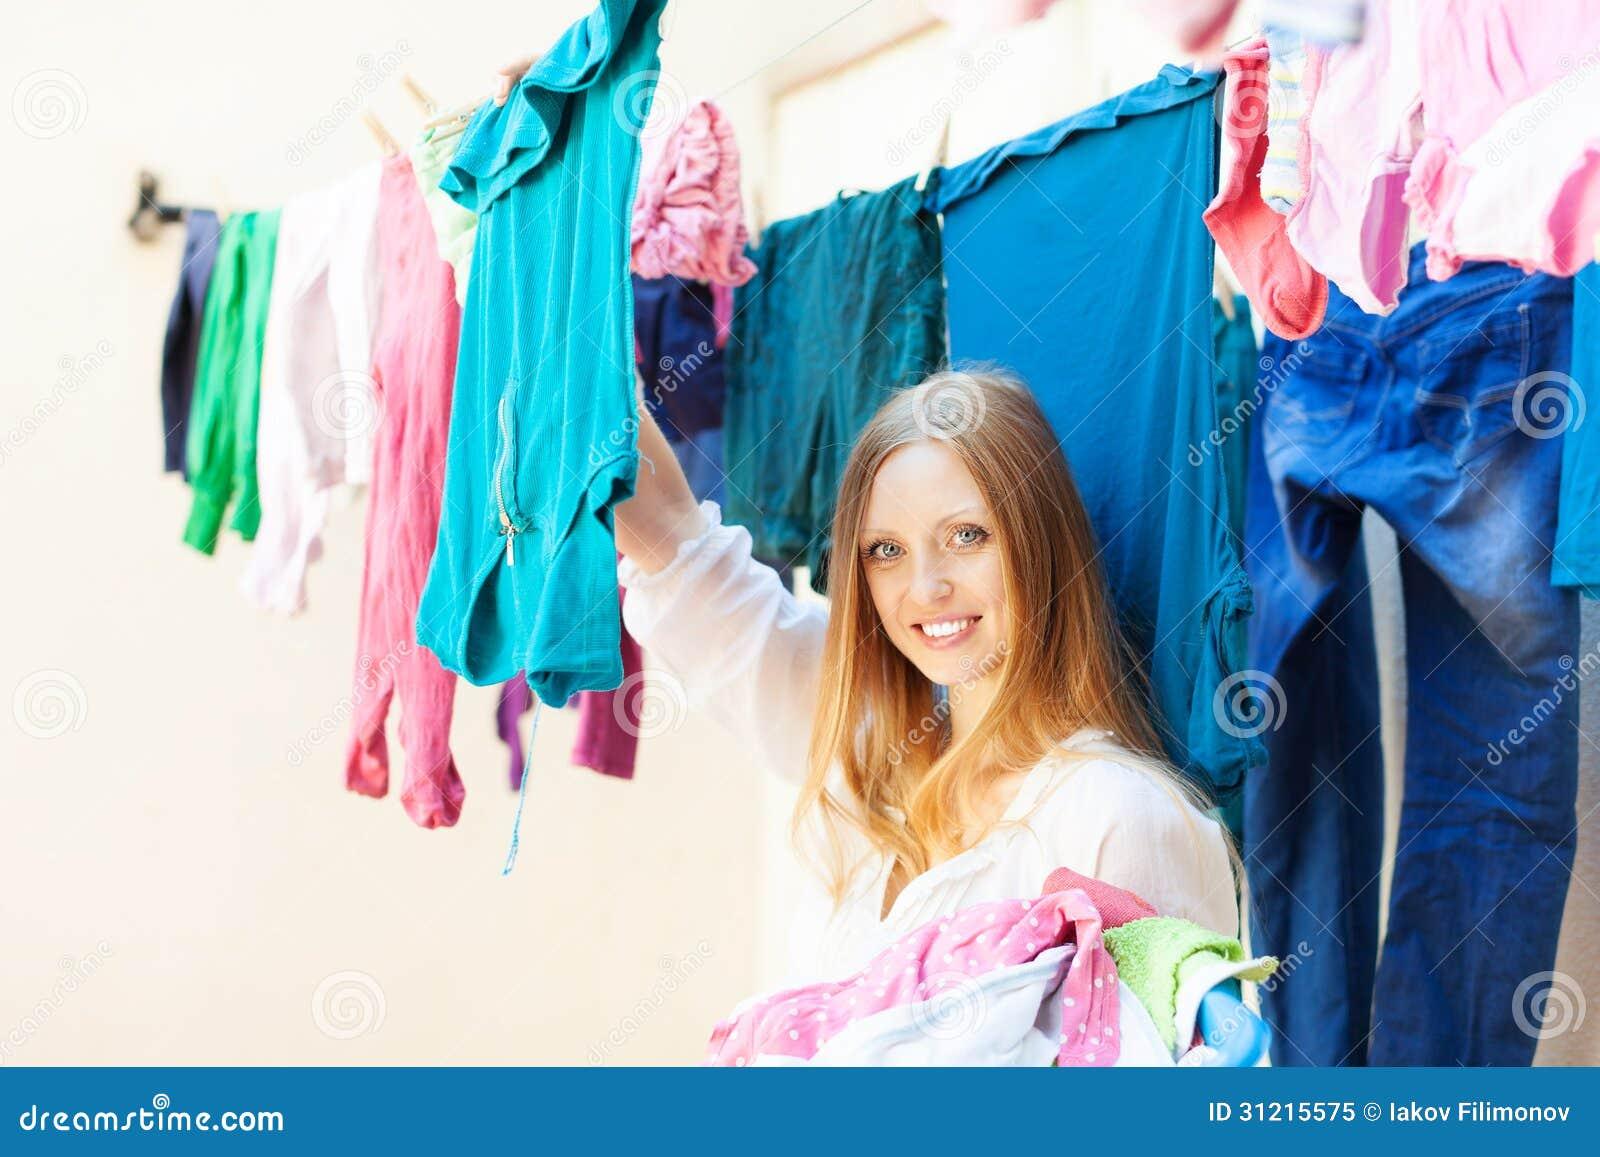 La femme accroche des vêtements pour sécher